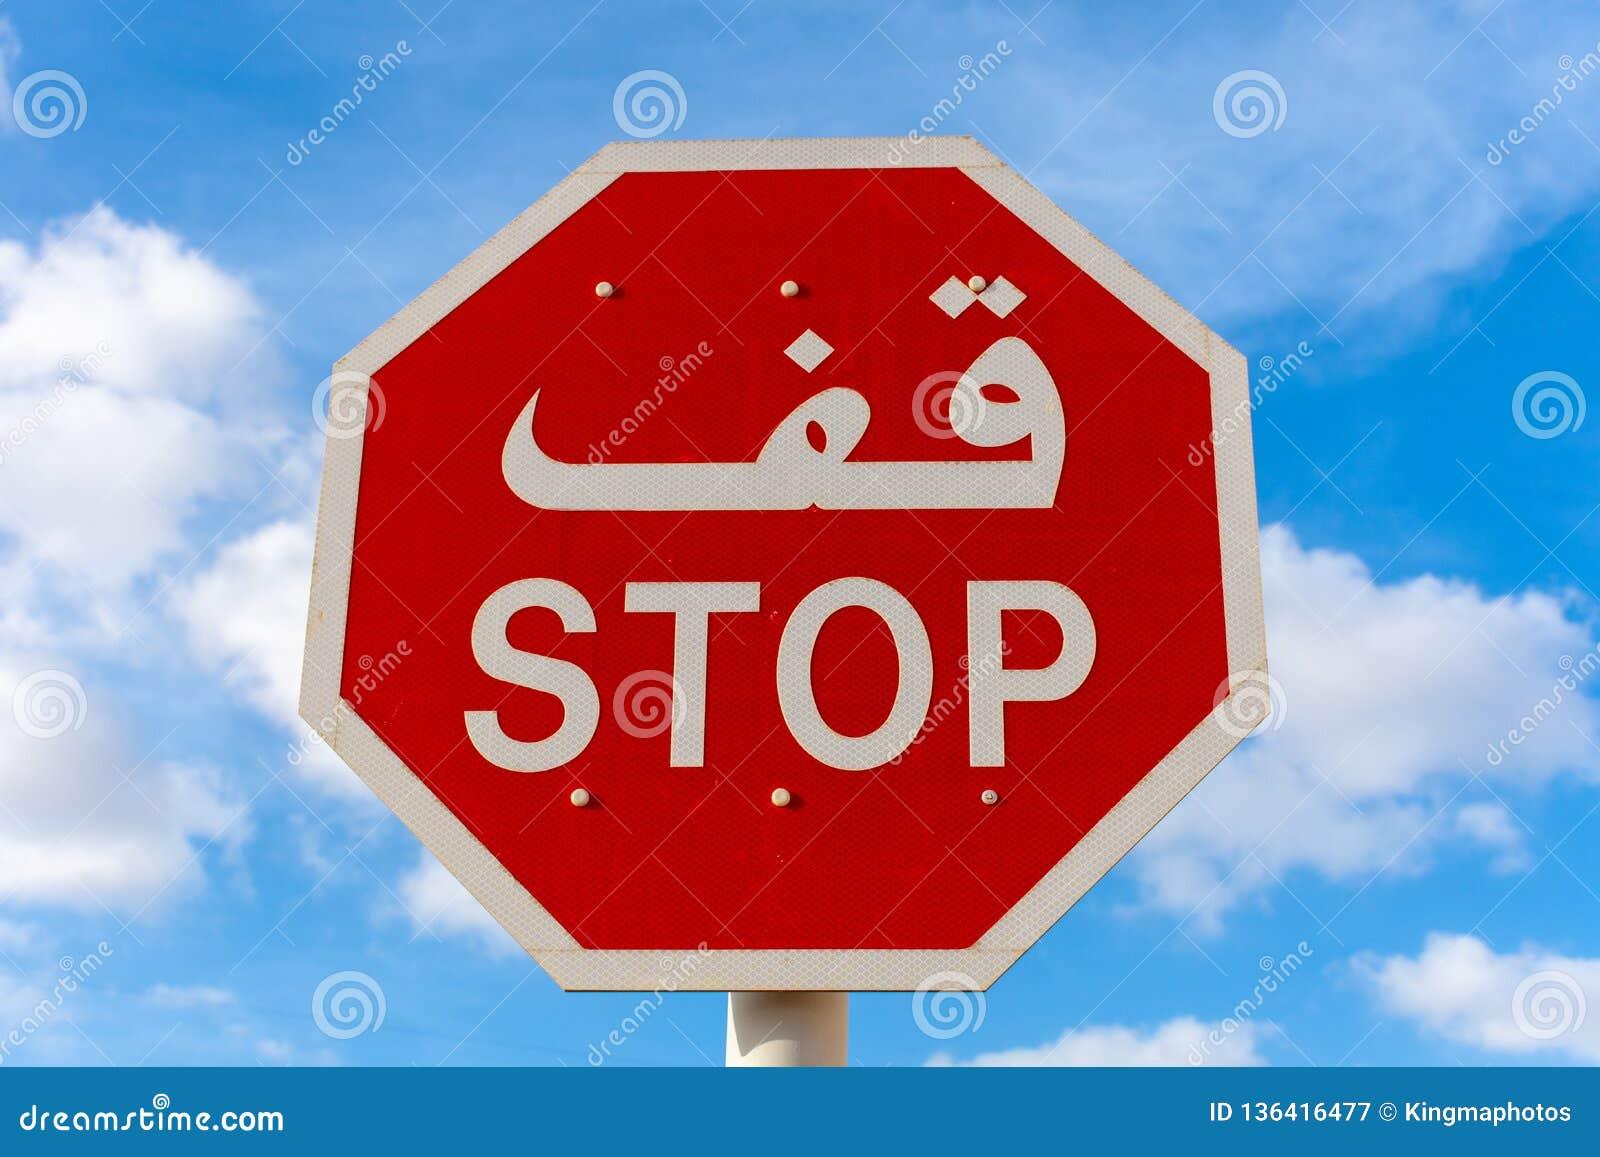 中止签字用英语和阿拉伯与天空蔚蓝和云彩在背景中